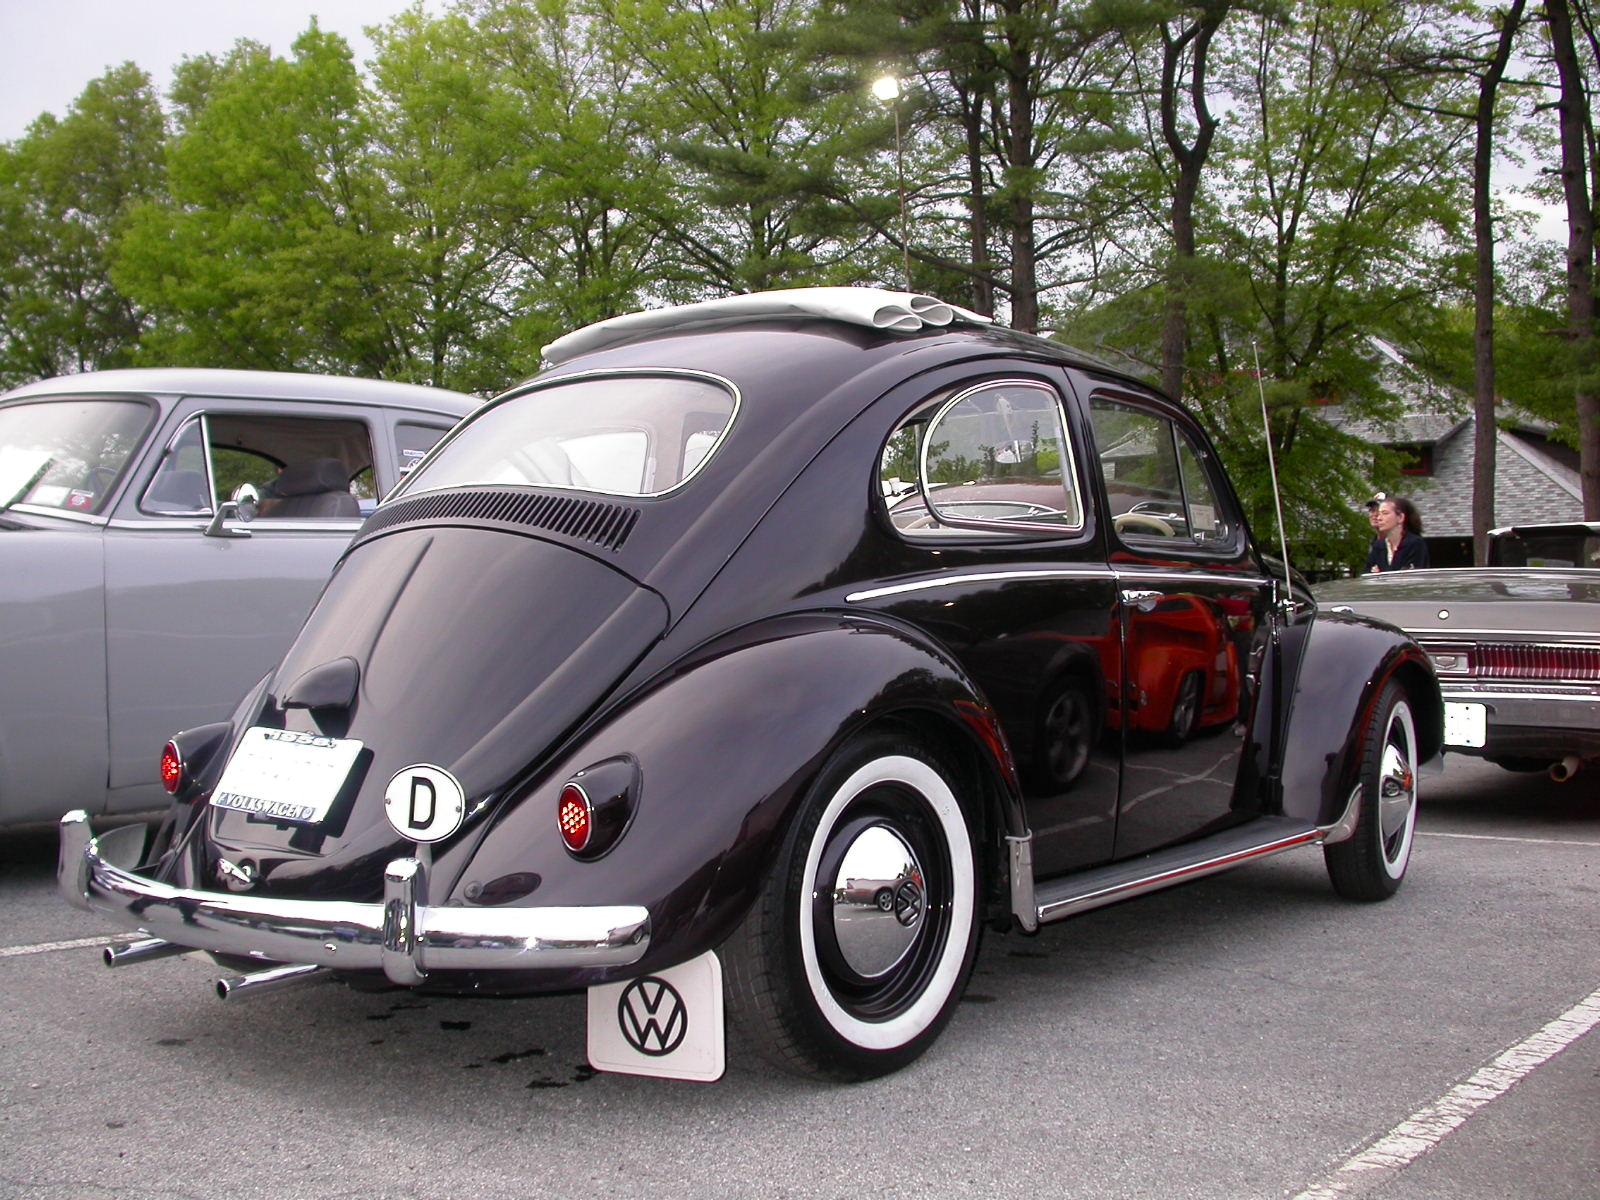 Collectible Volkswagen Beetle Mint